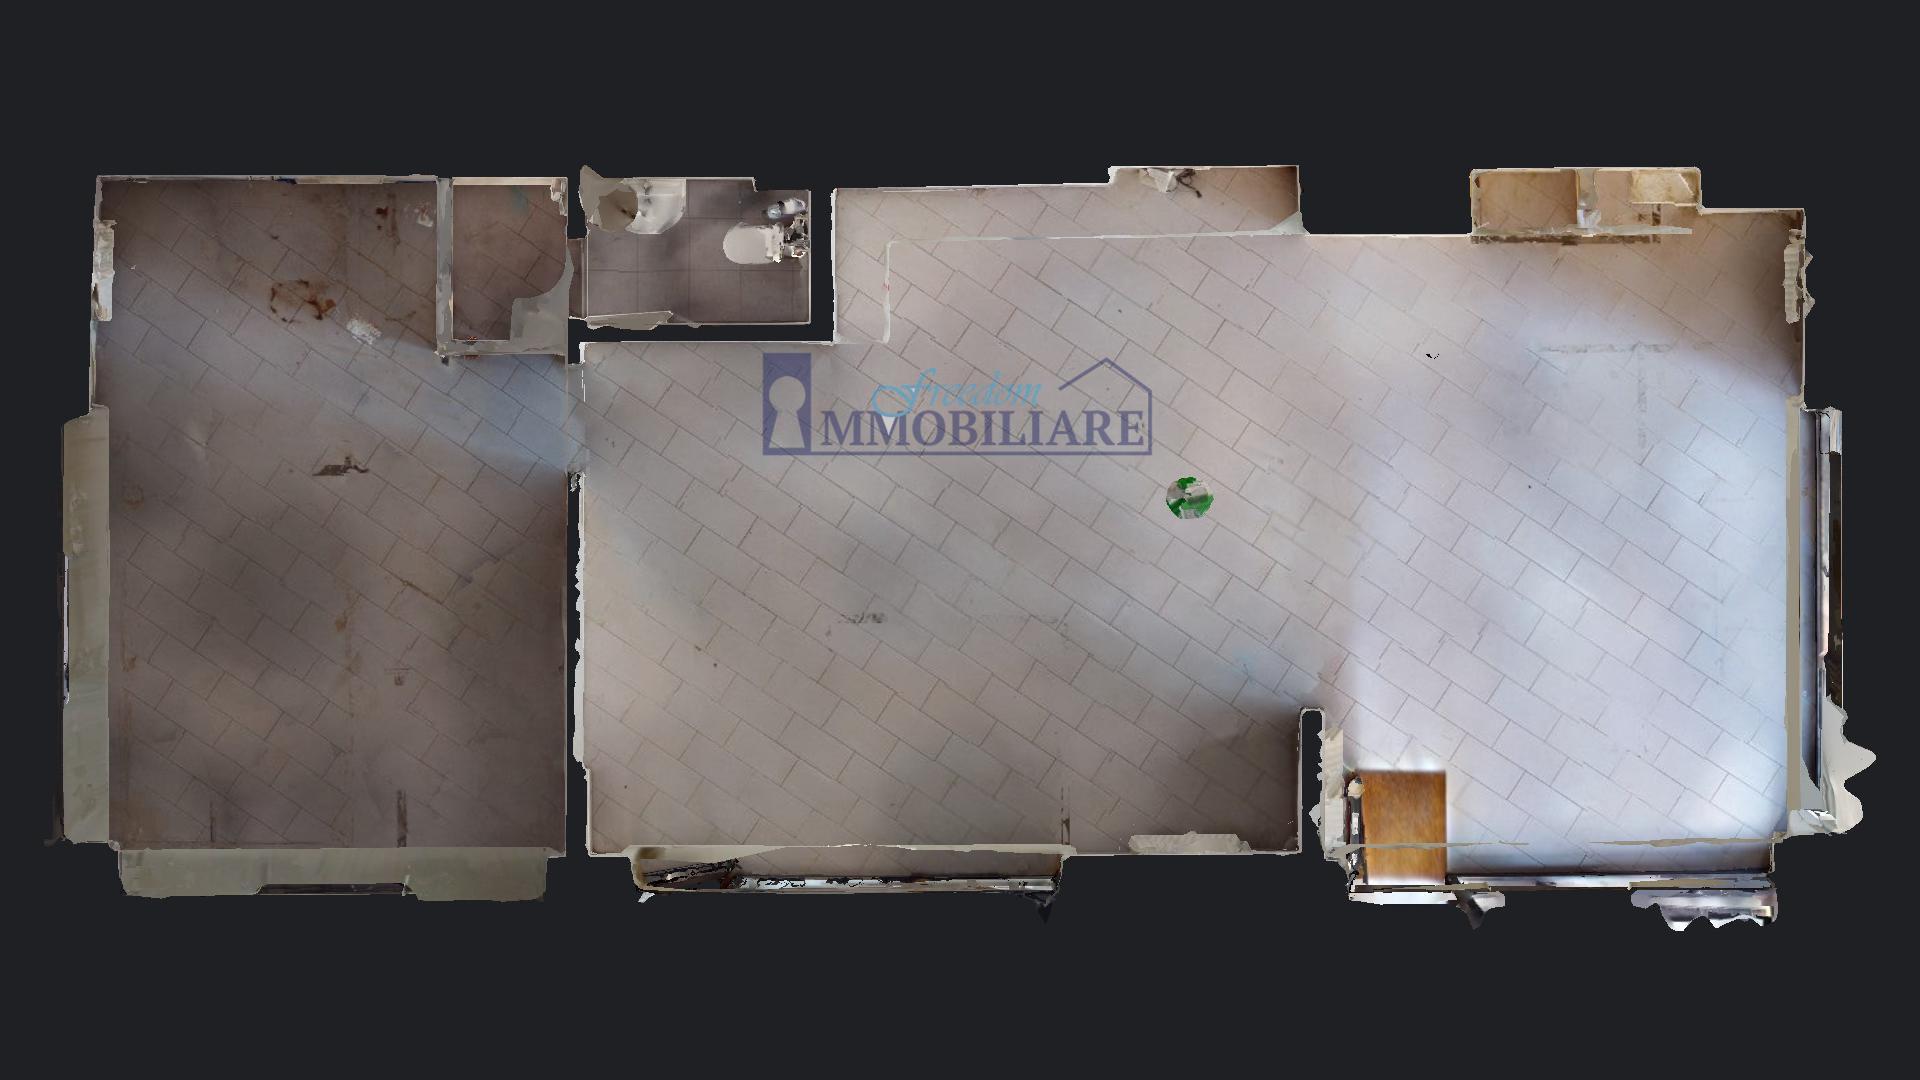 Negozio in Vendita San Giuliano Milanese, Via Fratelli Cervi 27